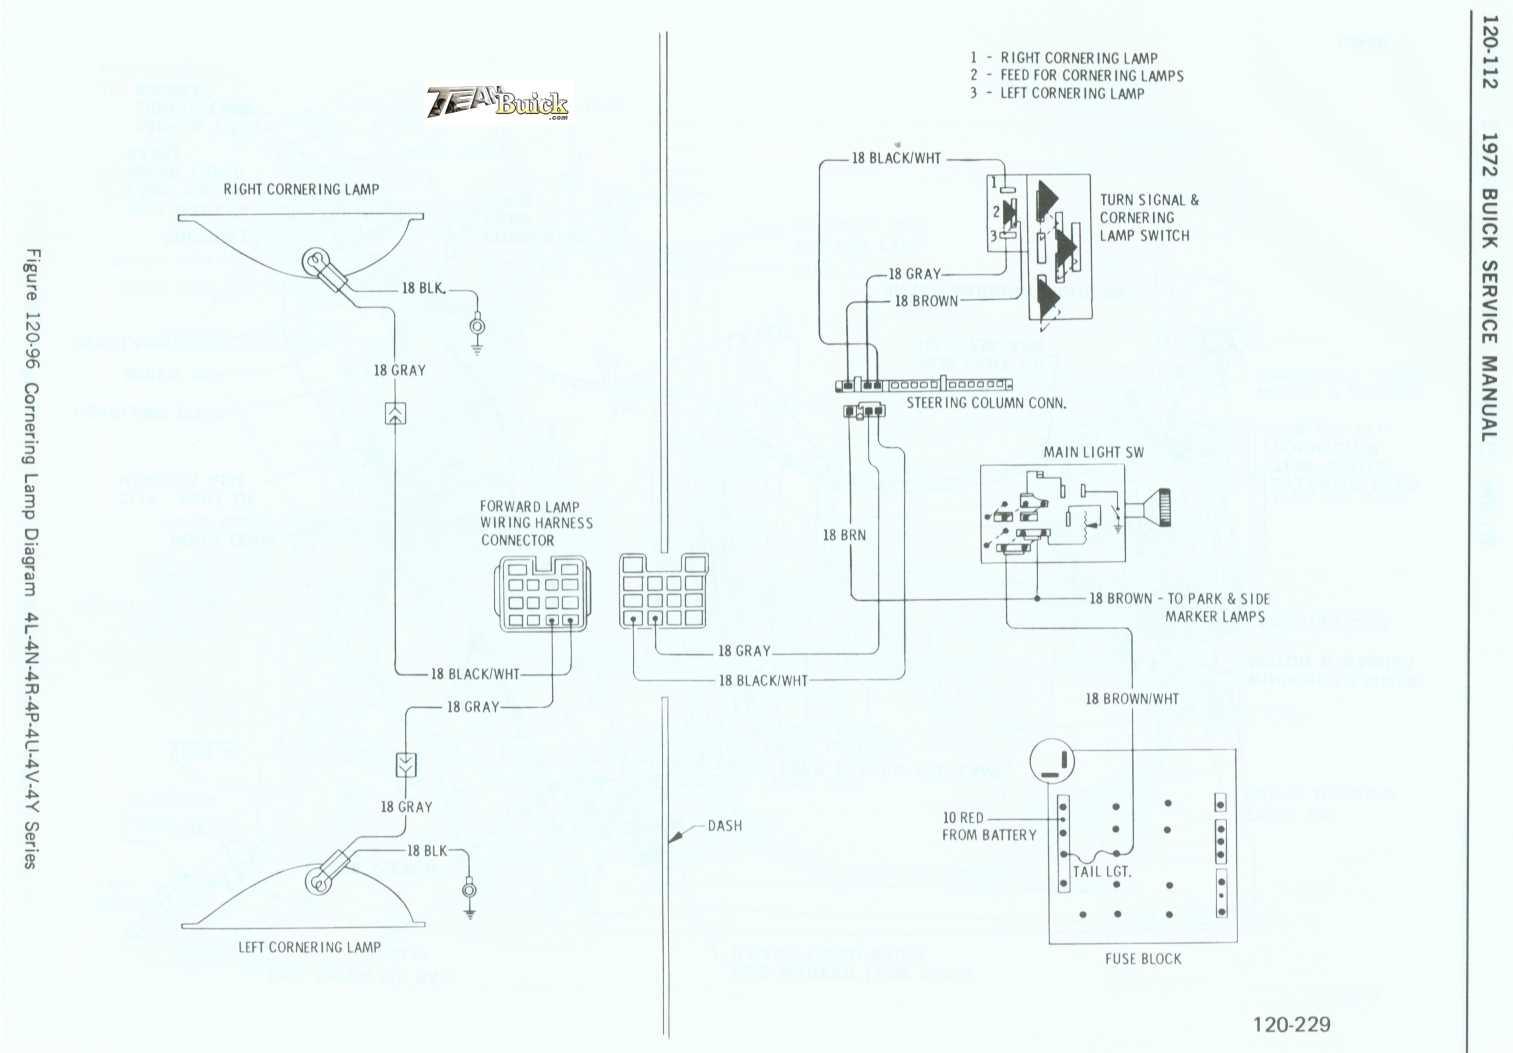 1972 Buick, Cornering Lamp Diagram 4L-4N-4R-4P-4U-4V-4Y Series